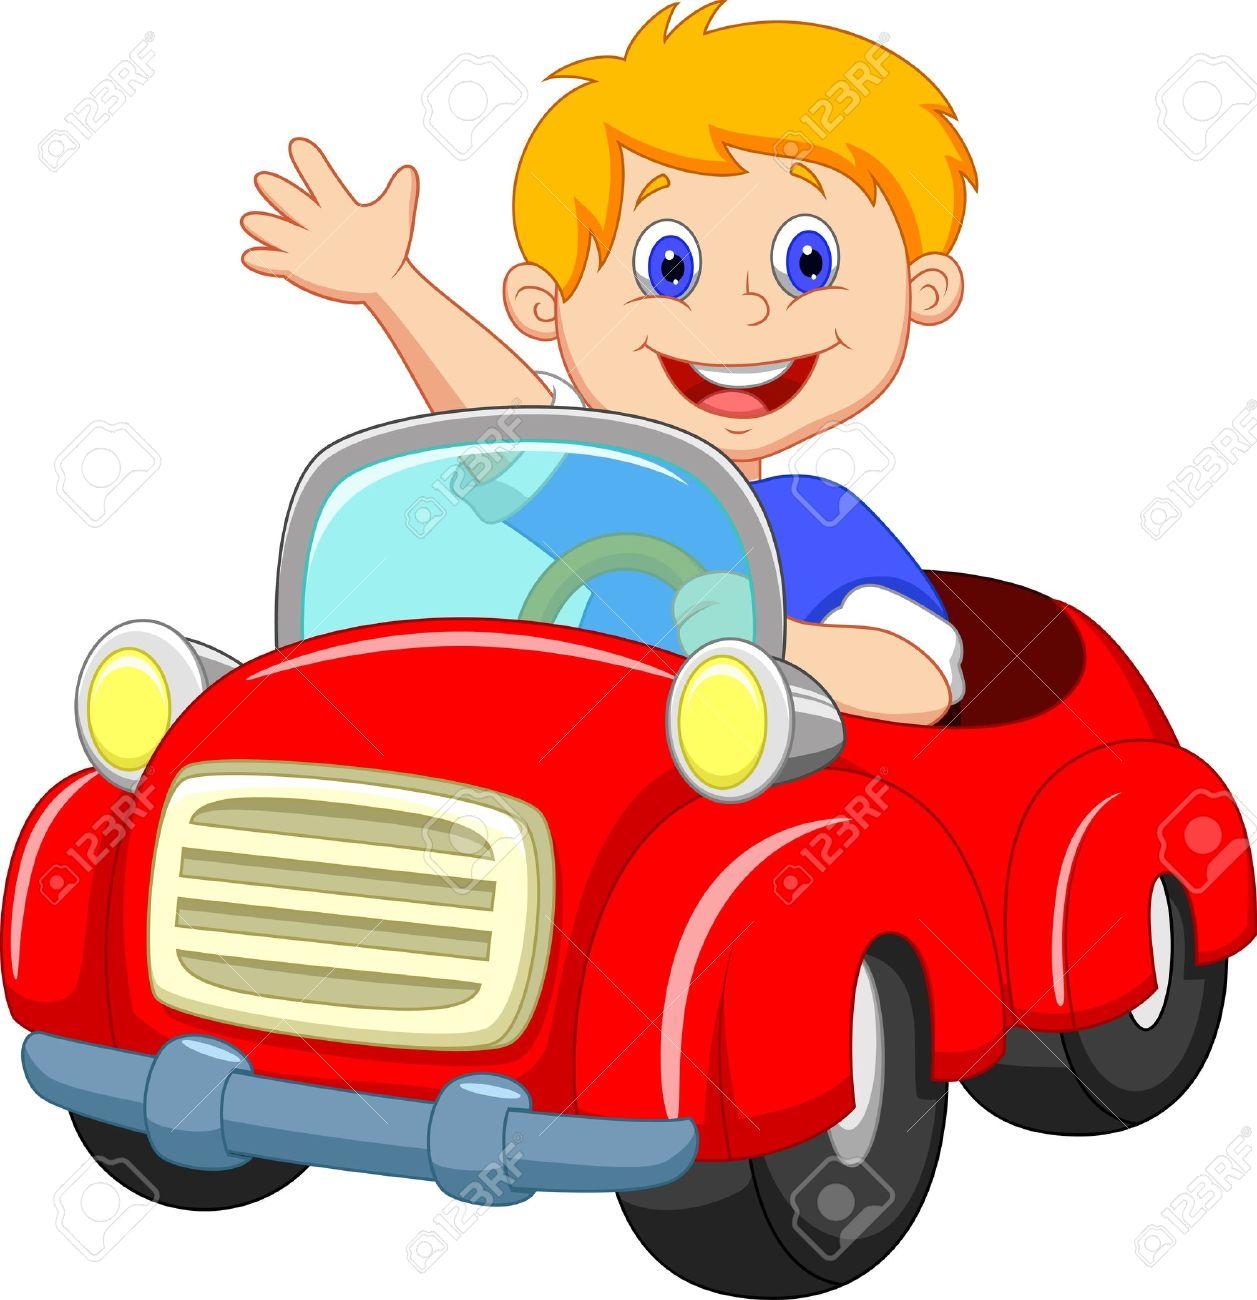 Autos clipart kostenlos jpg library download Auto Clipart Lizenzfreie Vektorgrafiken Kaufen: 123RF jpg library download